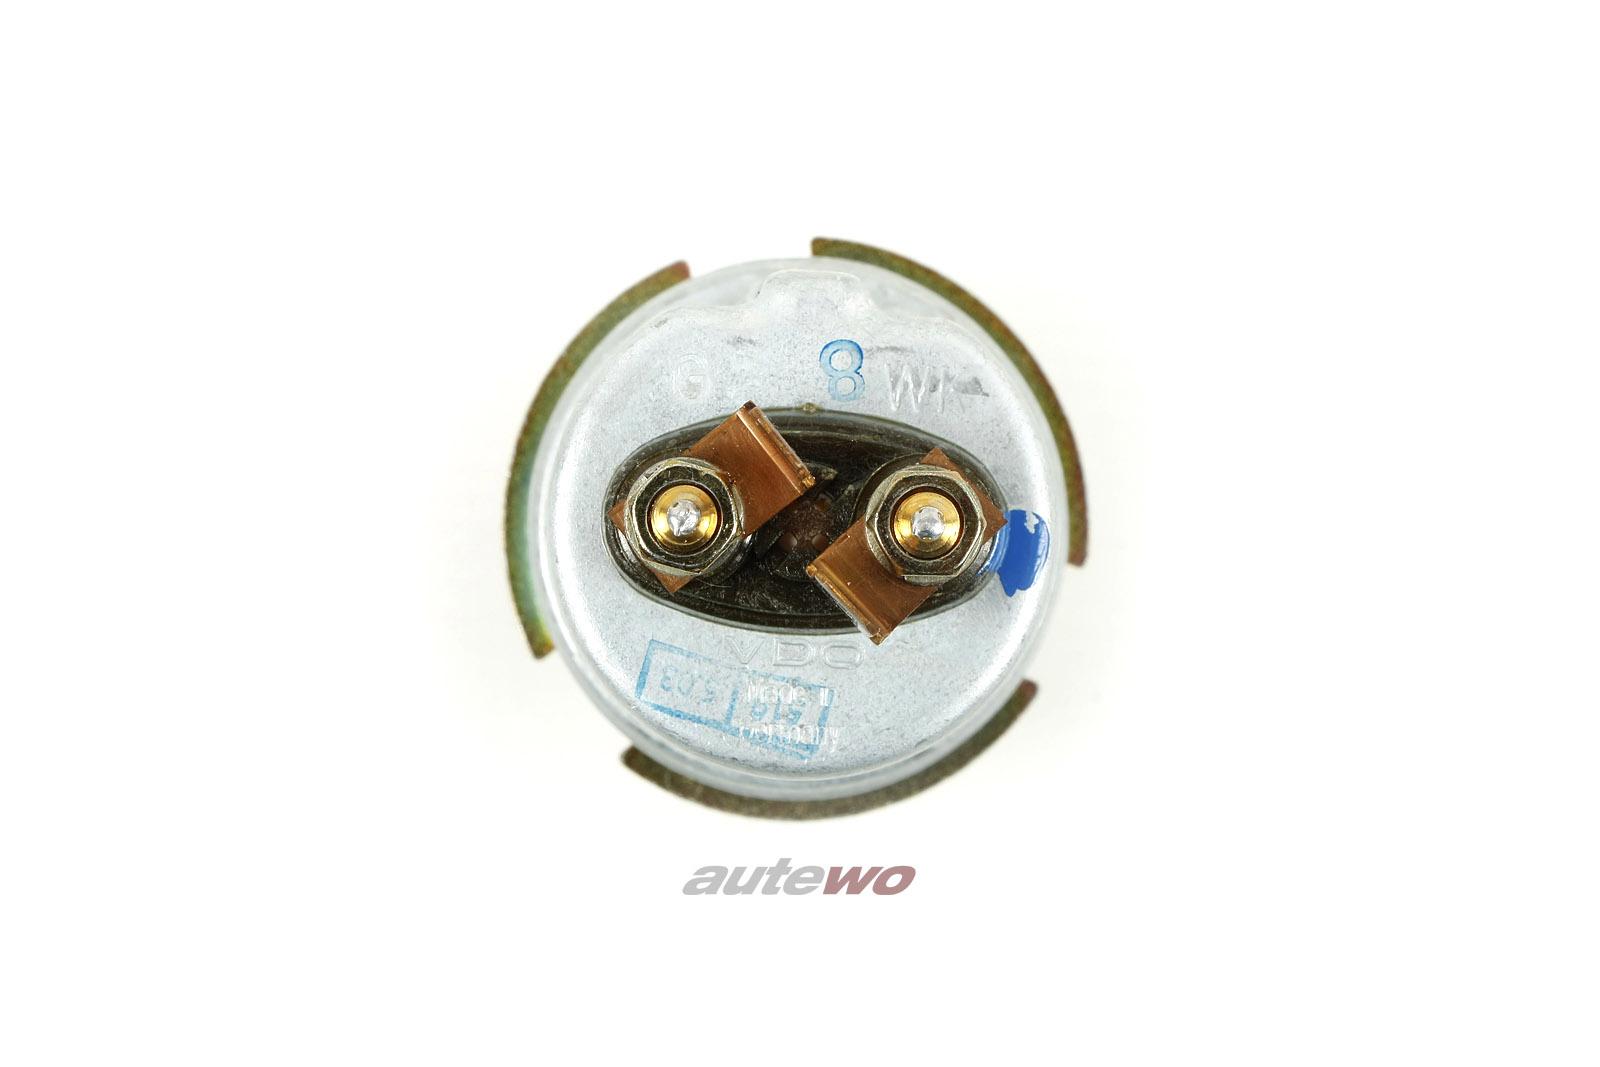 034919561 NEU Audi S4 C4 5 Zylinder 20V Turbo AAN Öldruckgeber M16x1,5